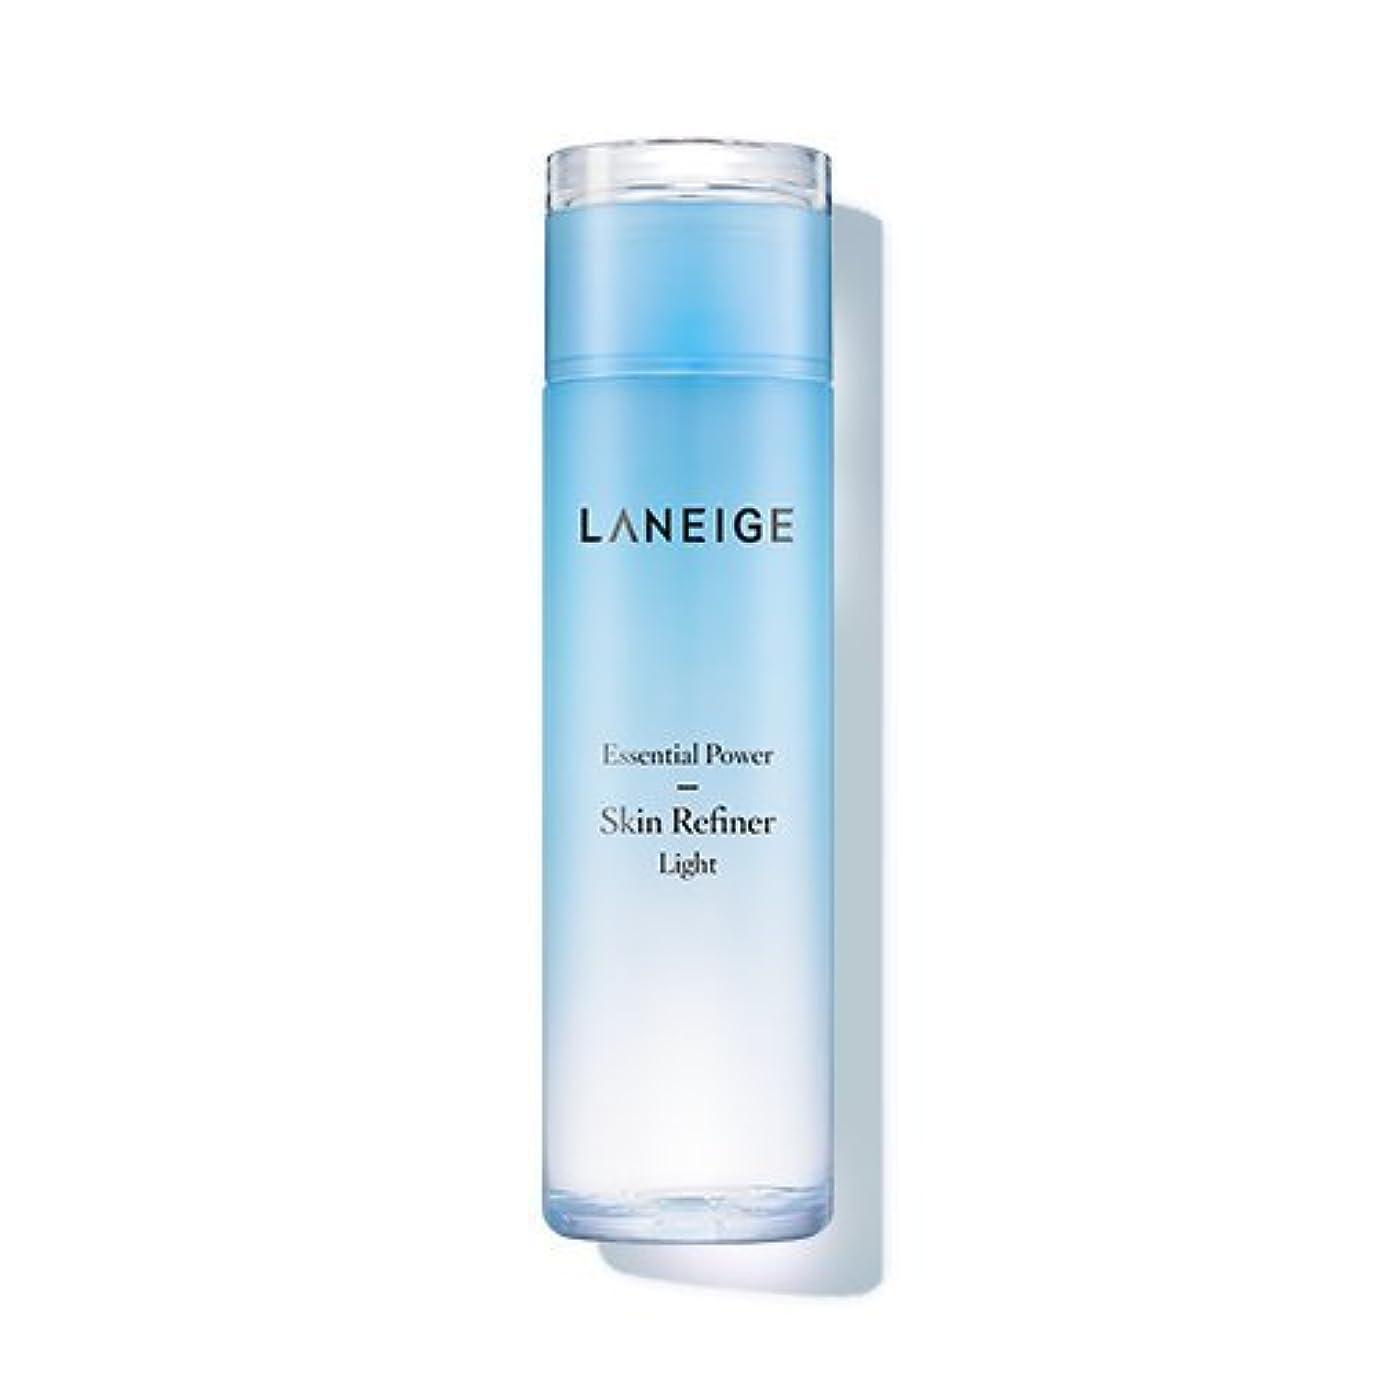 解体する焦げ裁判官LANEIGE Essential Power Skin Refiner Light 200ml/ラネージュ エッセンシャル パワー スキン リファイナー ライト 200ml [並行輸入品]